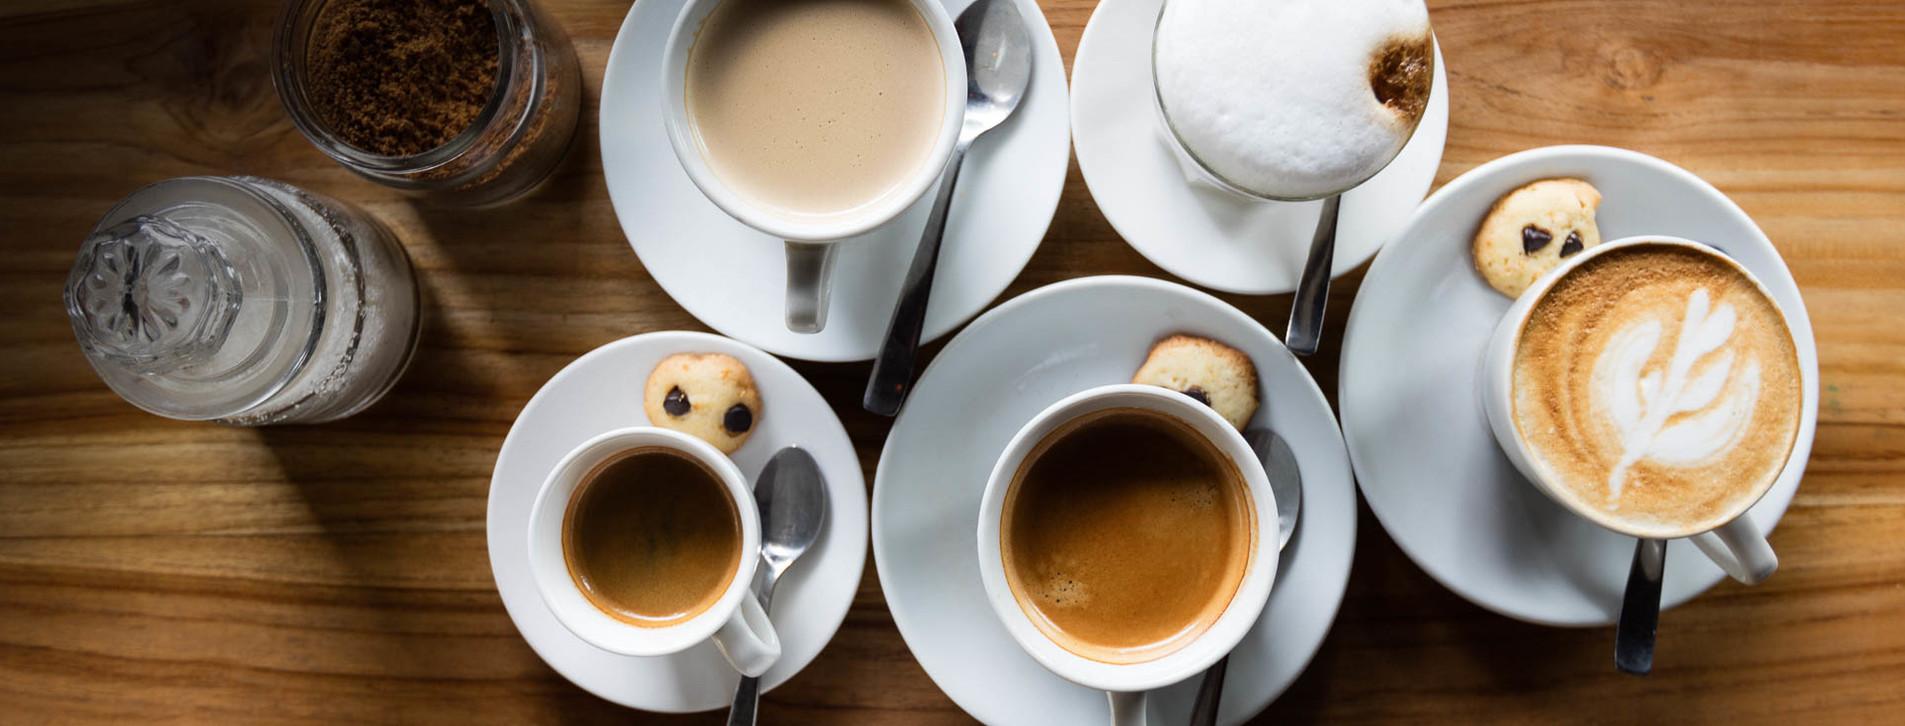 Фото 1 - Дегустация кофе для двоих